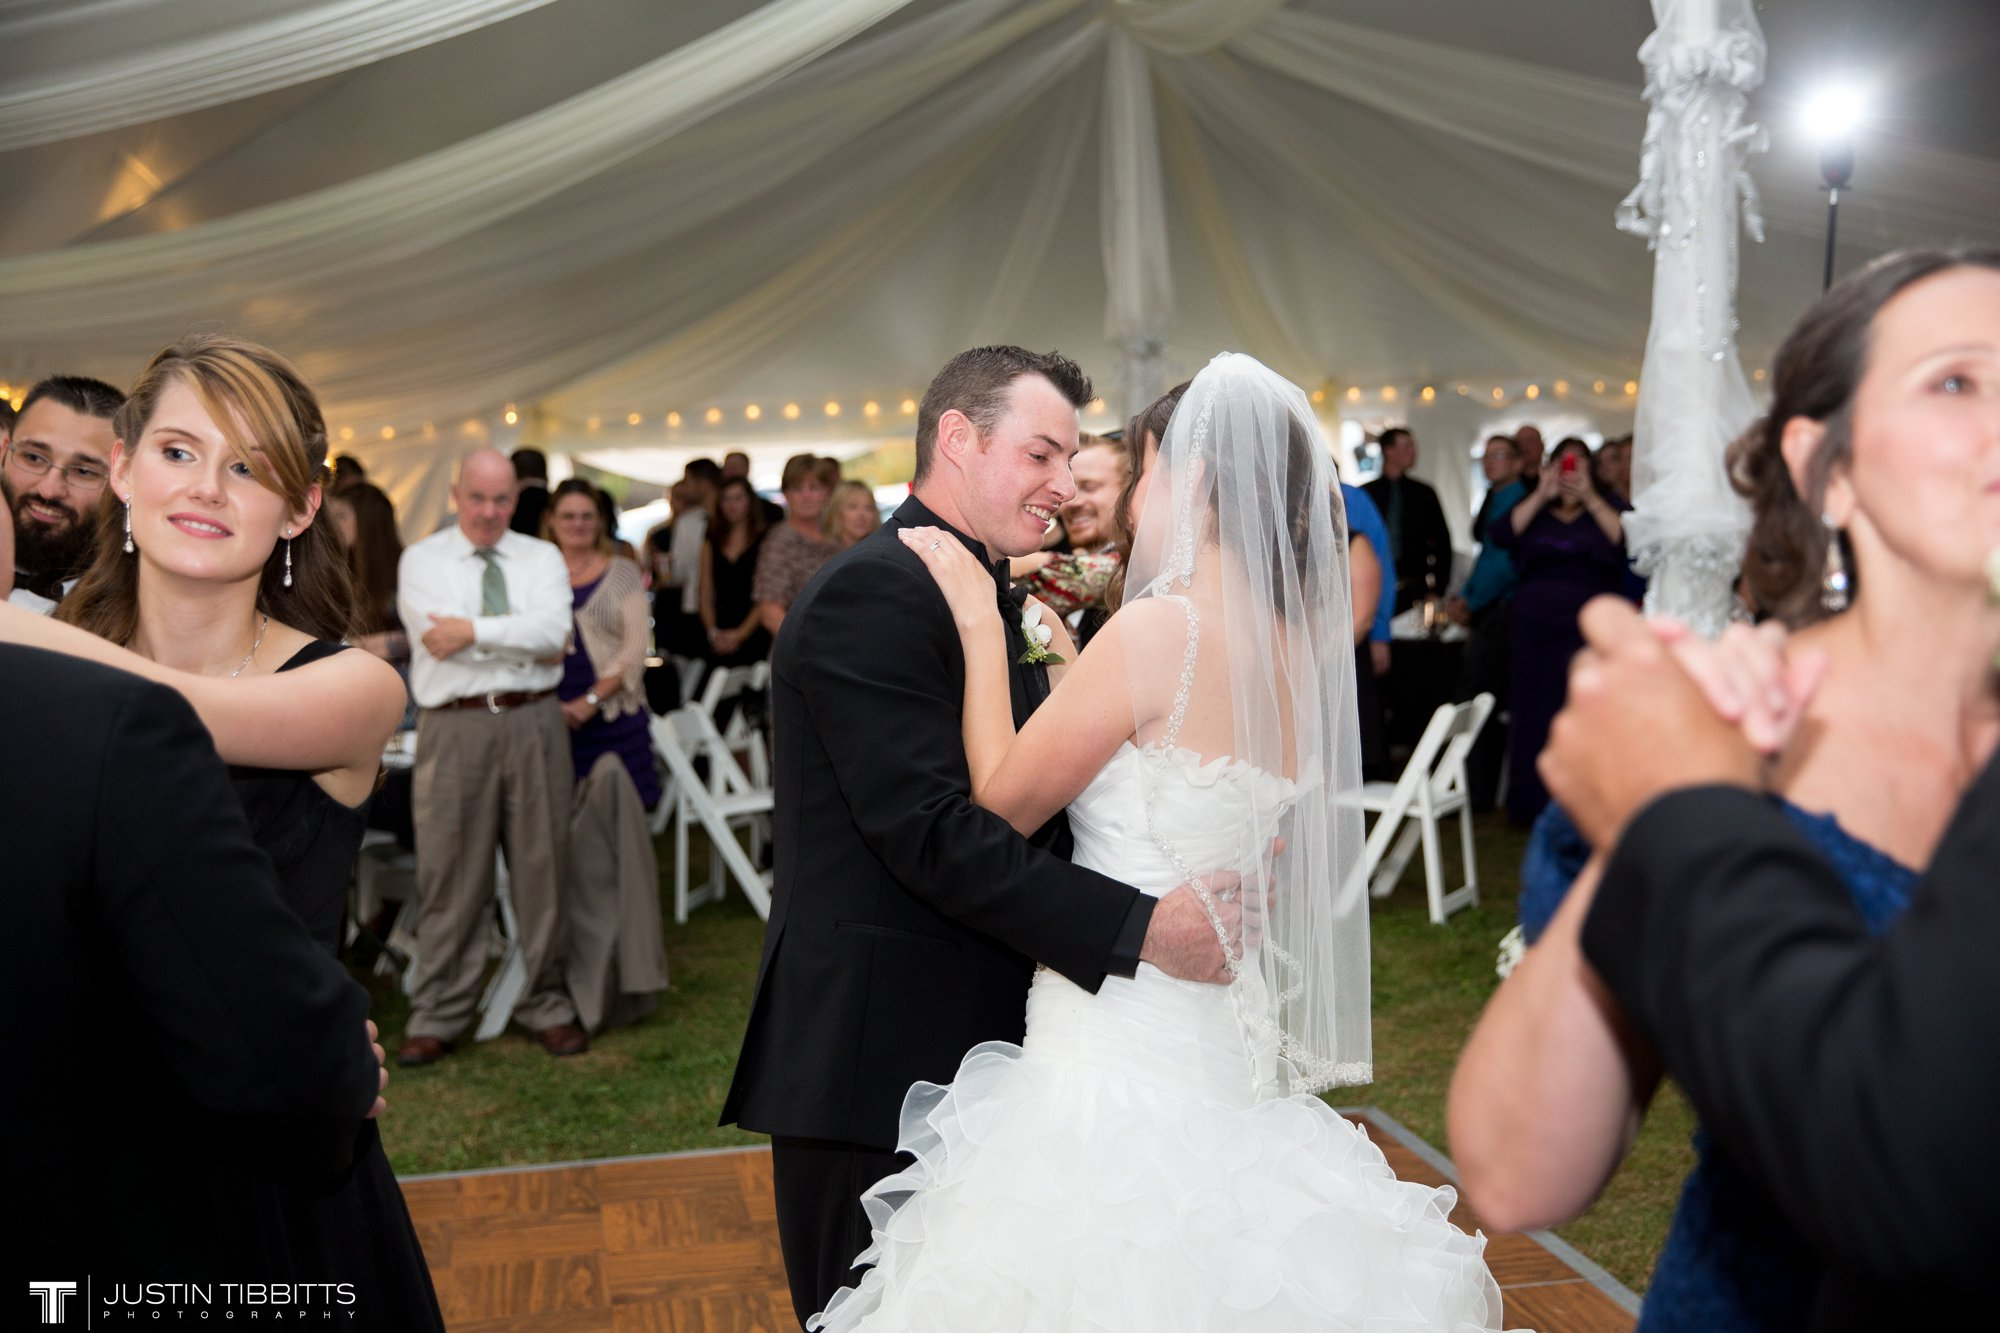 Albany NY Wedding Photographer Justin Tibbitts Photography 2014 Best of Albany NY Weddings-200Albany NY Wedding Photographer Justin Tibbitts Photography Albany NY Best of Weddings1